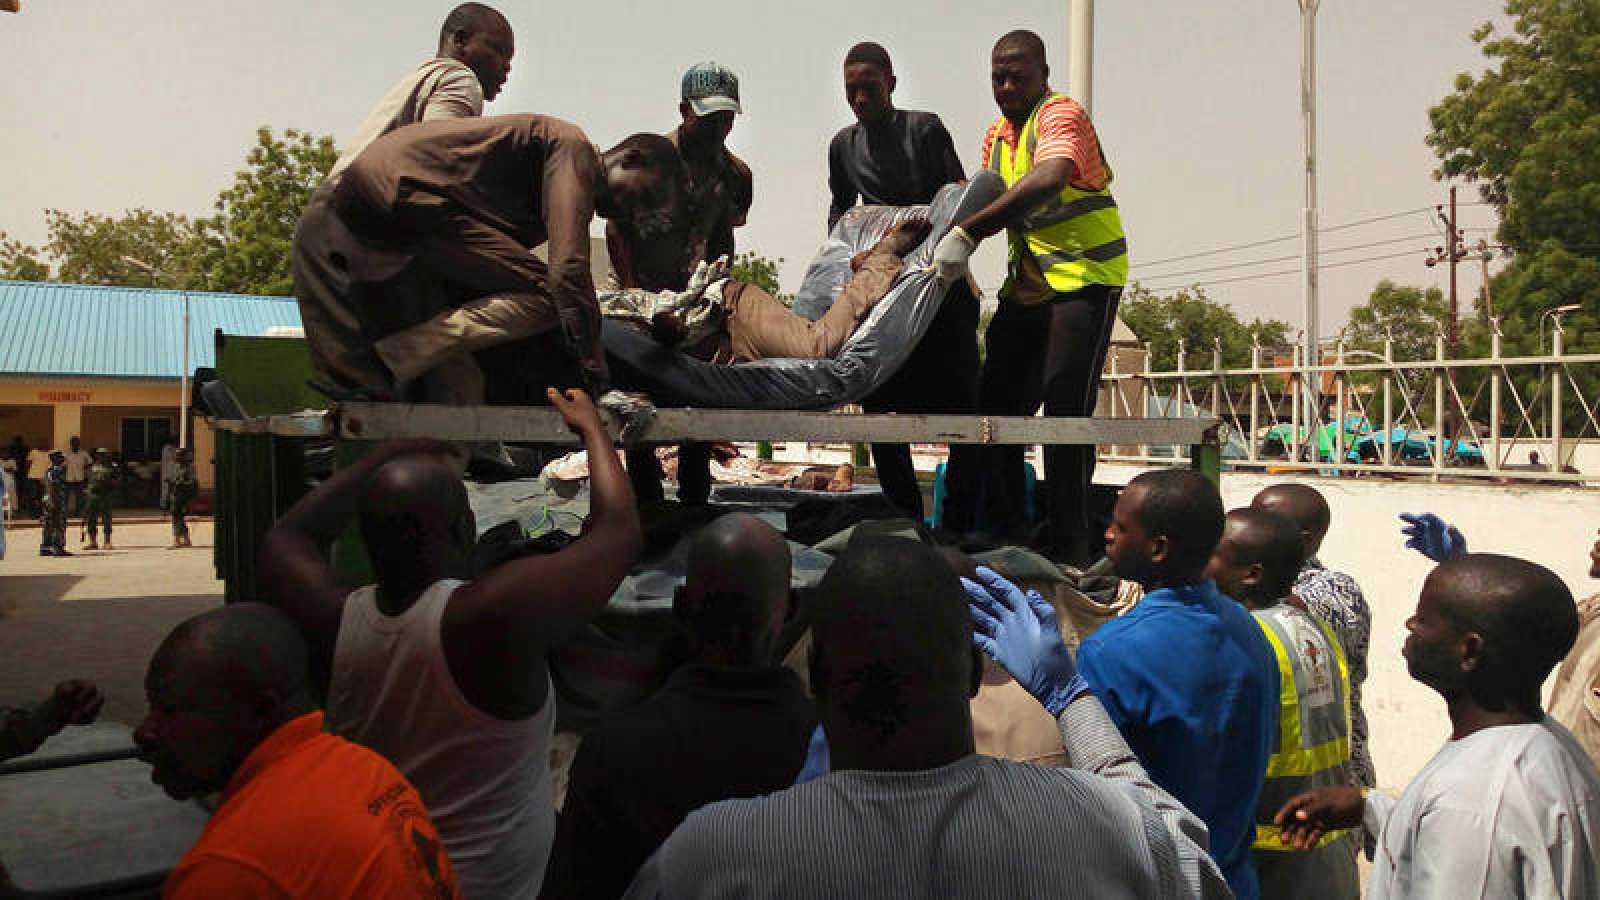 Una de las víctimas mortales del atentado es trasladada a una morgue en Bama